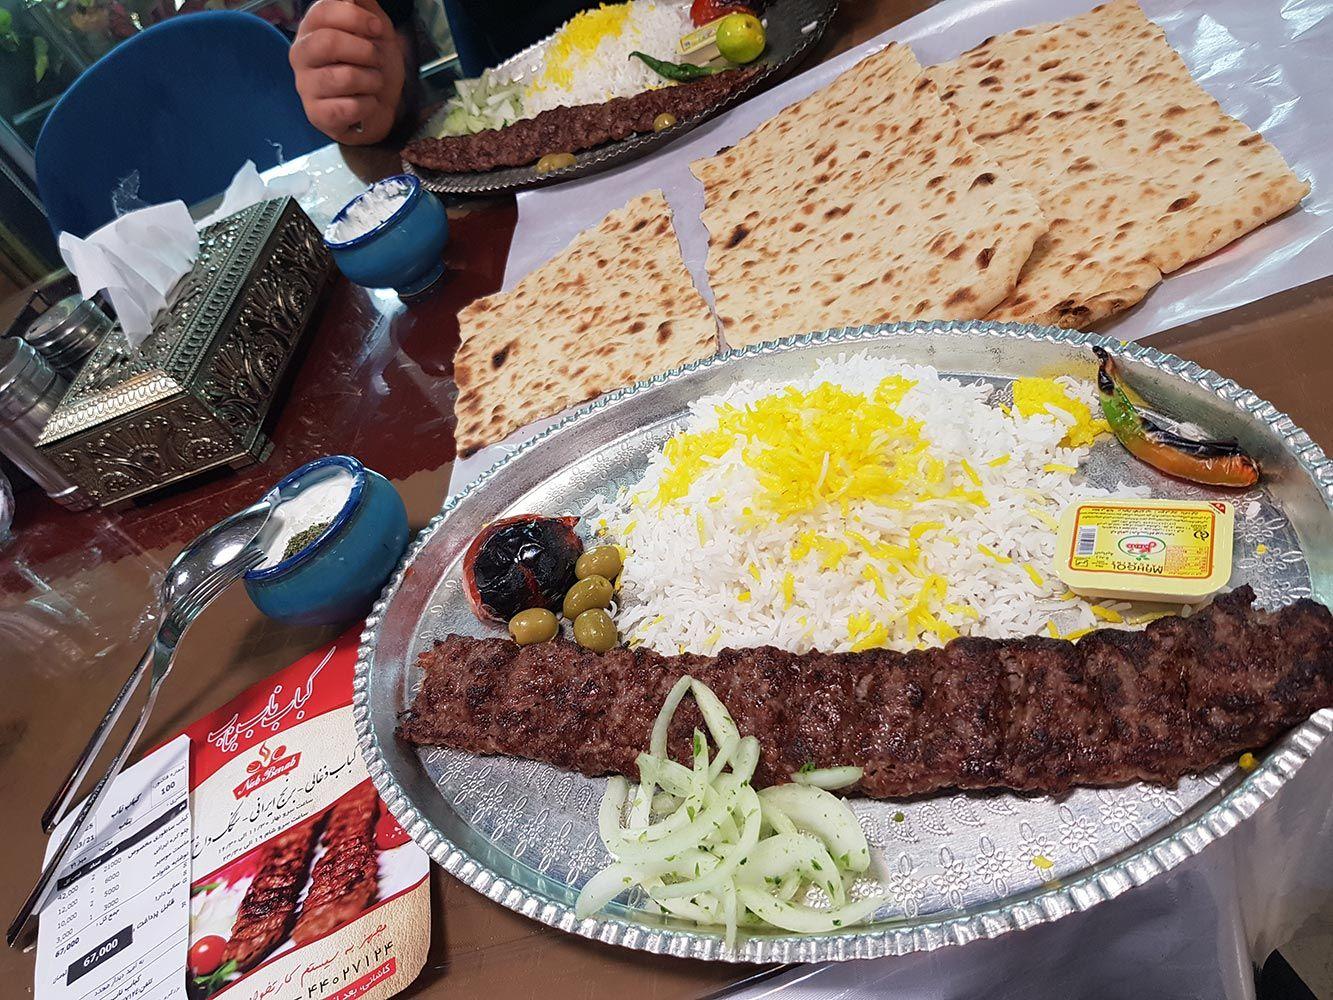 رستوران کباب ناب بناب تهران آیت الله کاشانی کباب ذغالی با برنج ایرانی و سنگک داغ کباب ناب بناب #کباب_ناب_بناب کباب ناب بناب